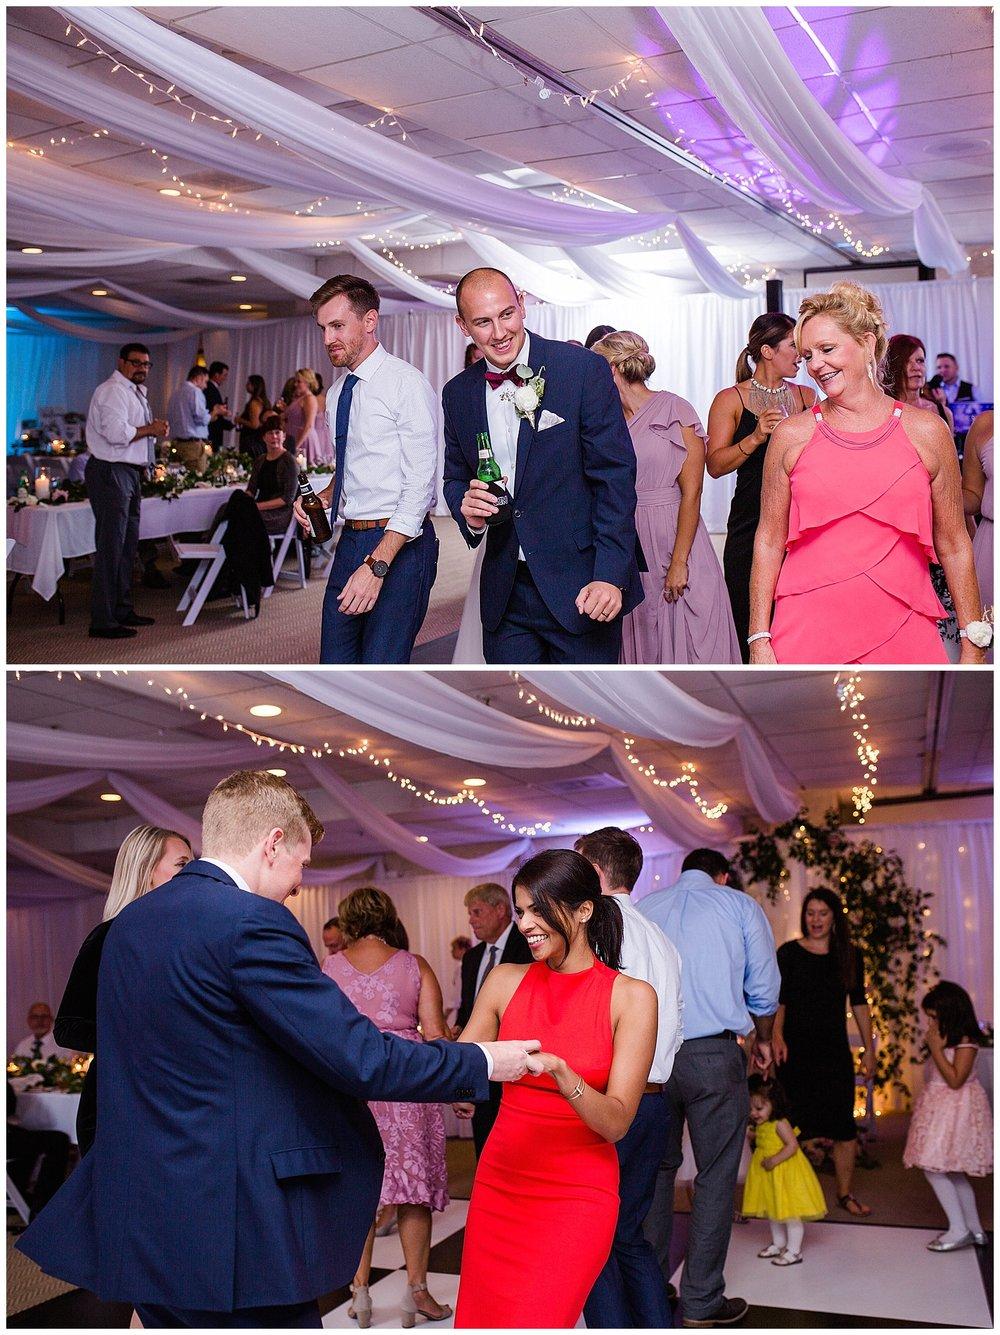 Saiko_Kara_Blakeman_Photography_Snowshoe_Wedding_Wv_2018_73